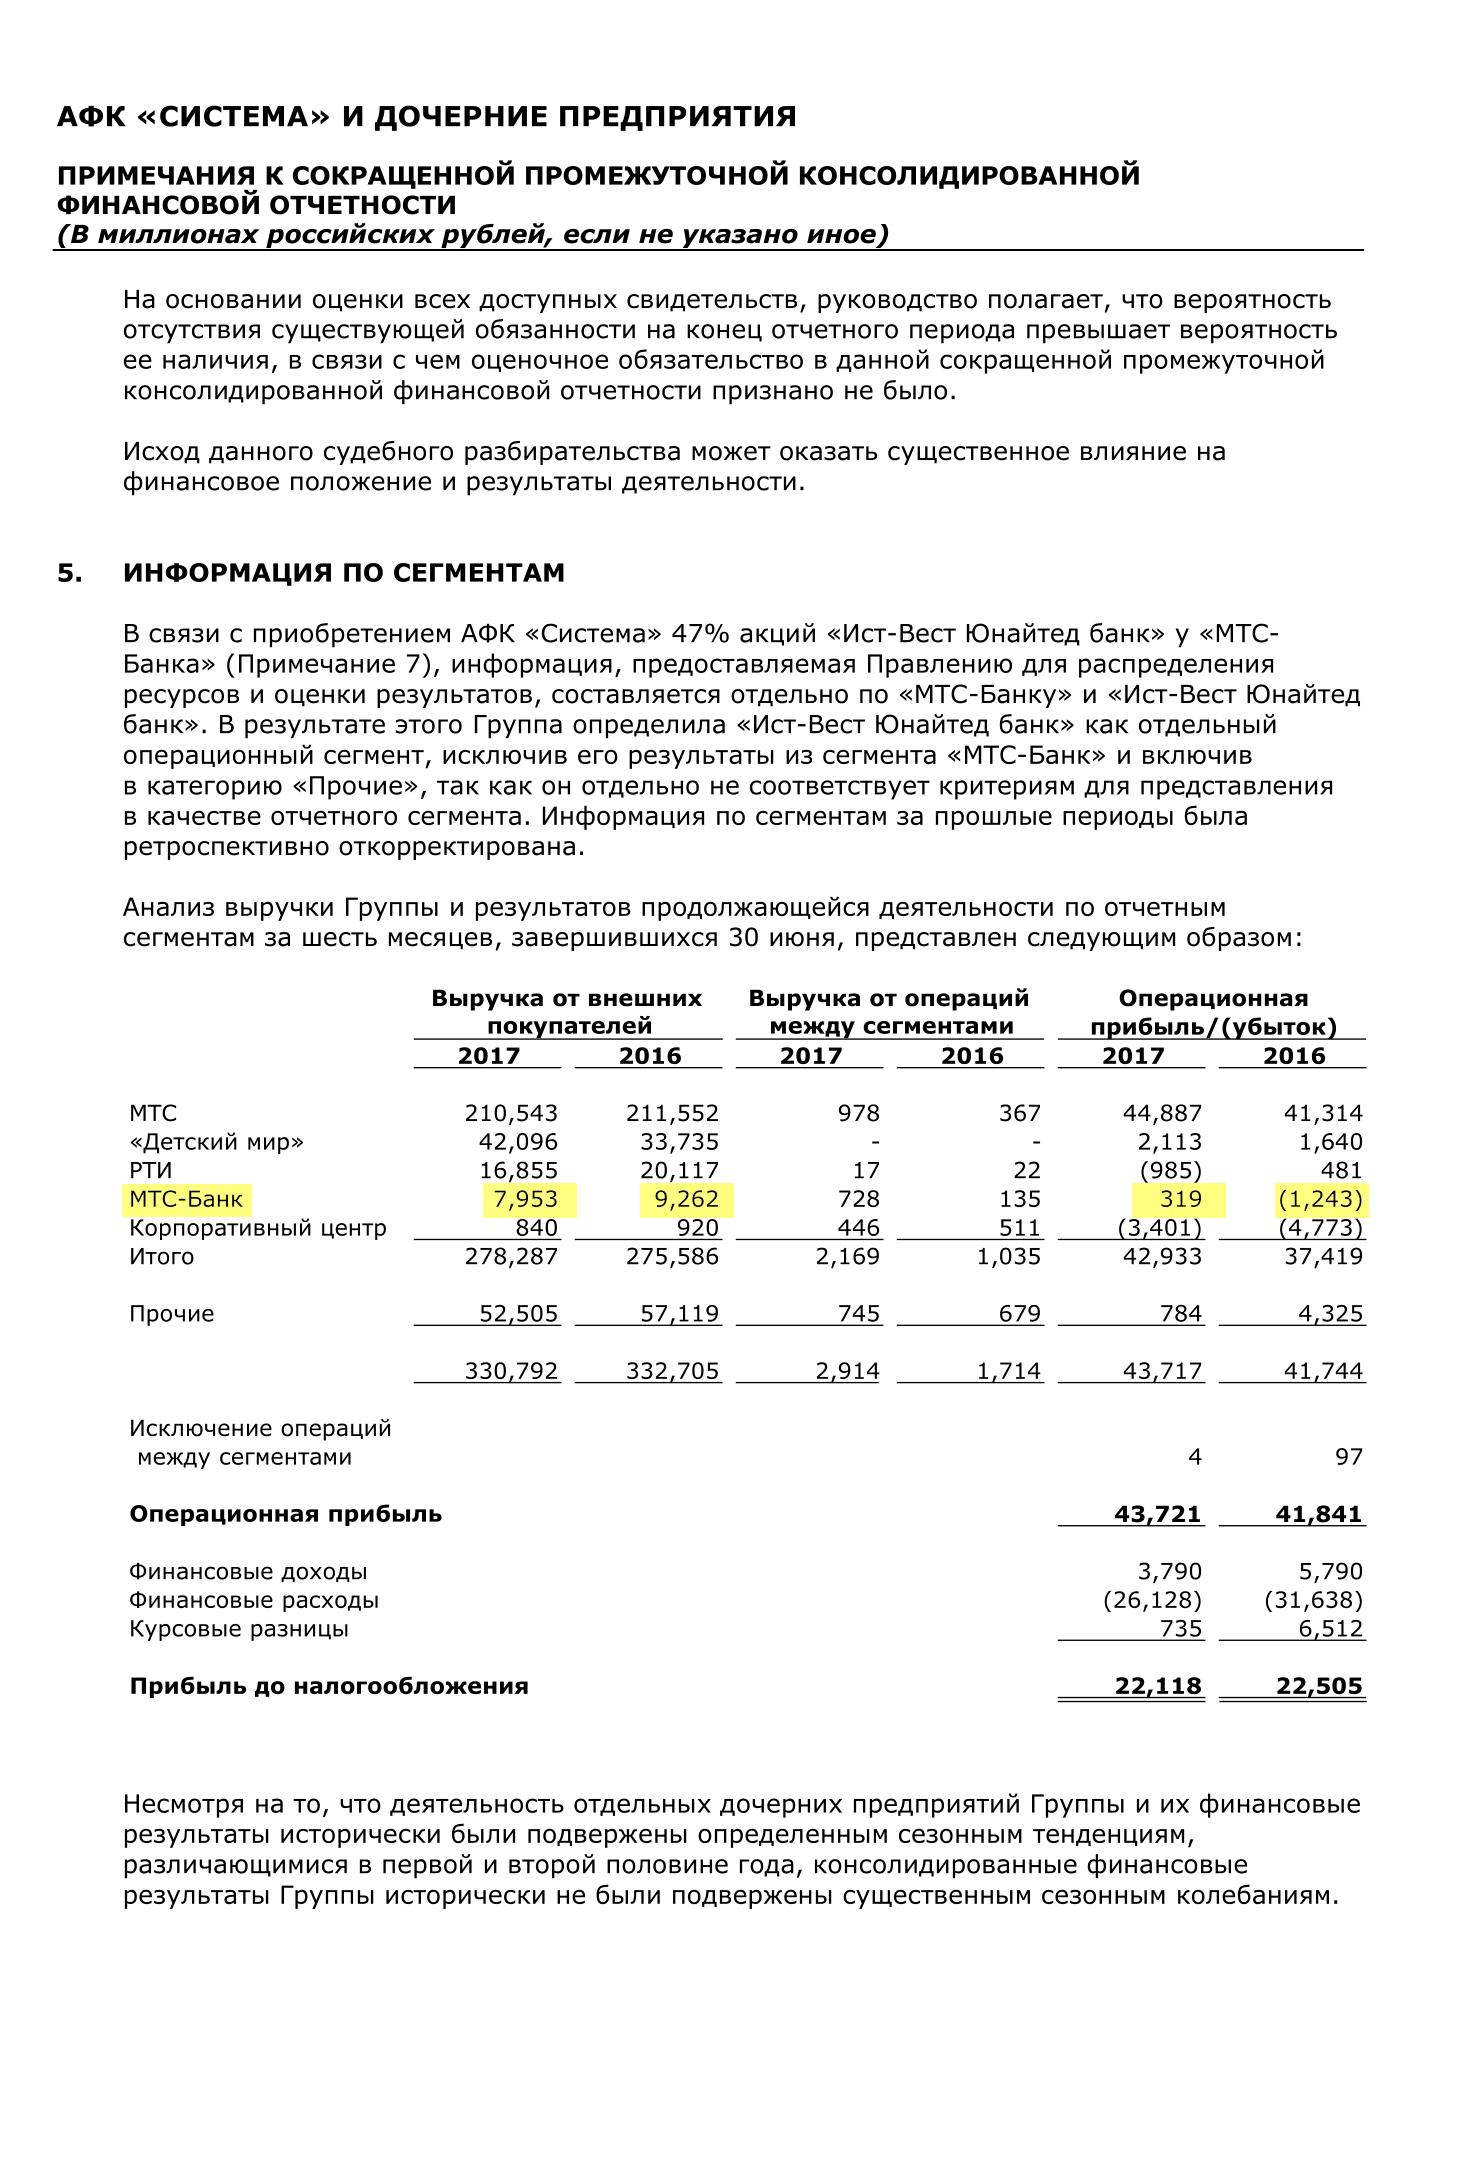 Страница 13 отчета АФК «Система» по МСФО